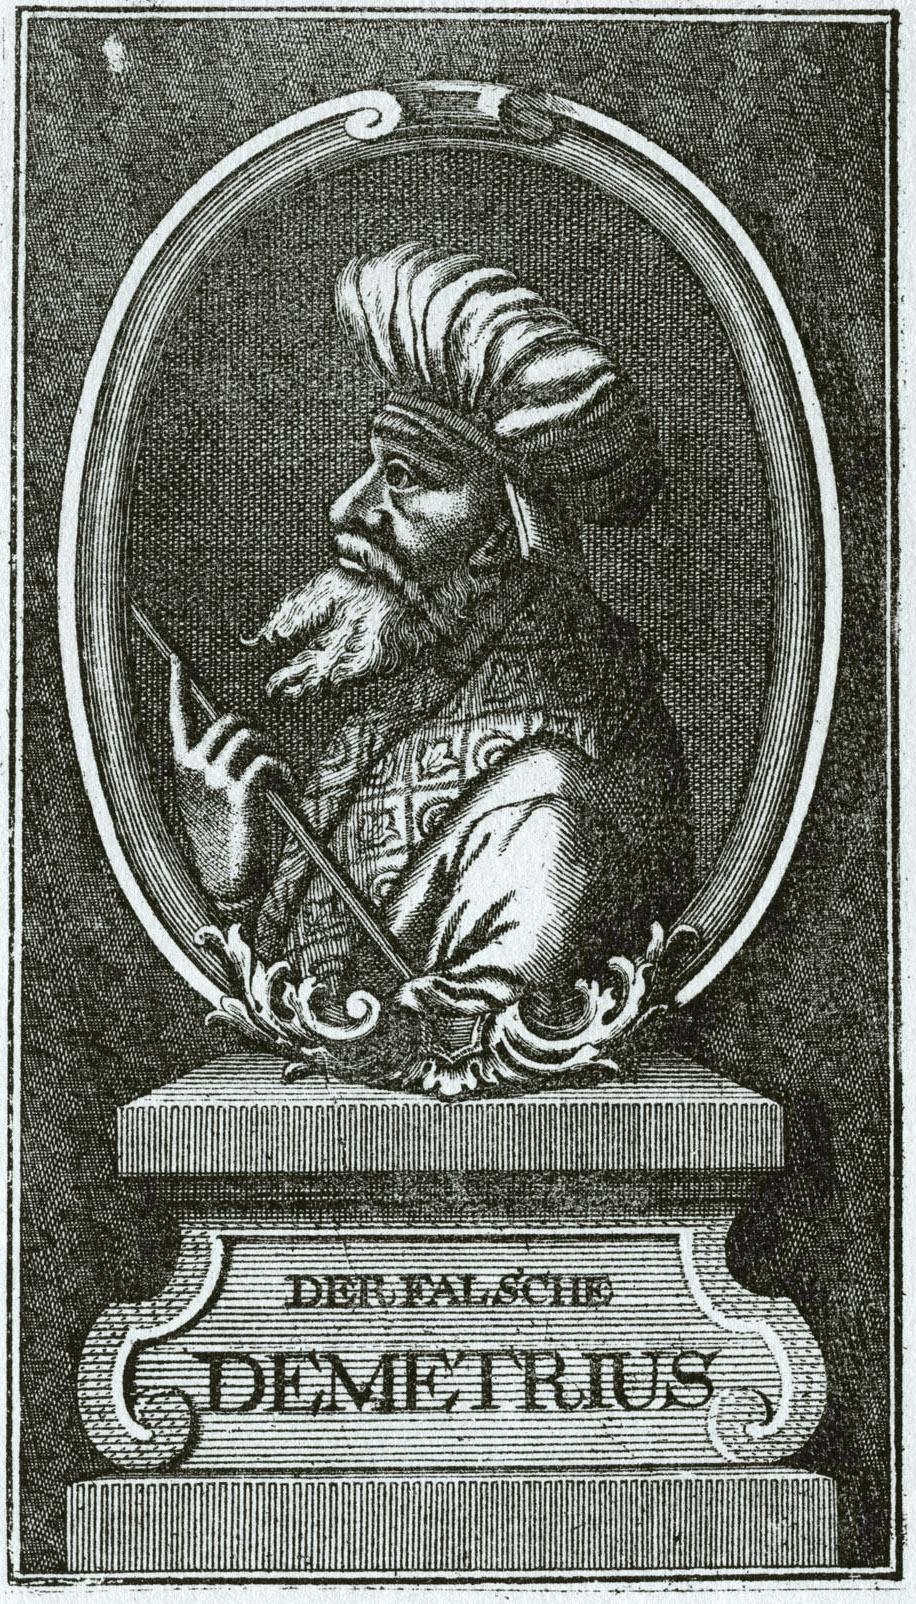 54. Профильное изображение Дмитрия Самозванца в чалме